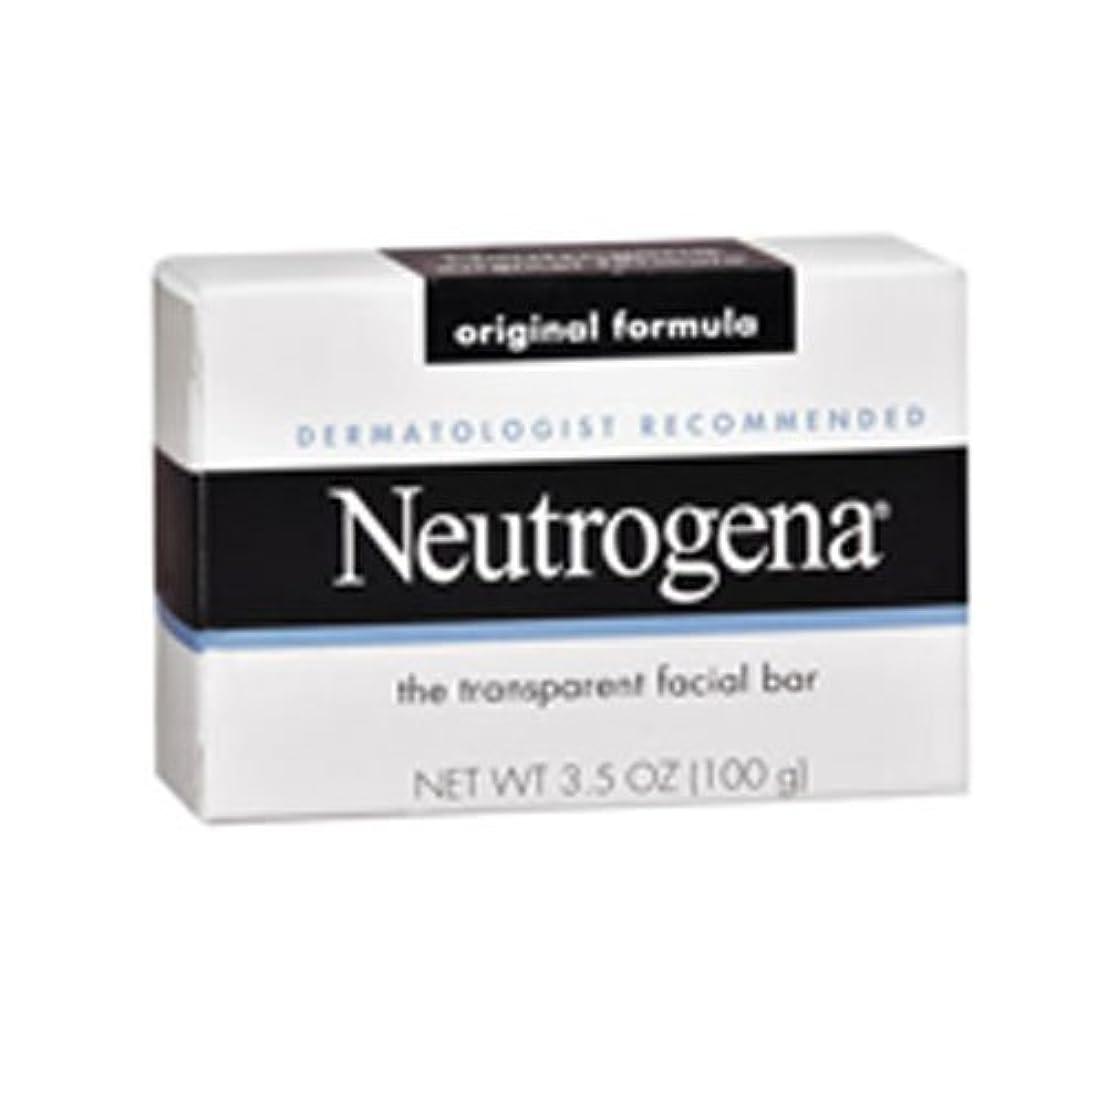 パイモード悪質な海外直送肘 Neutrogena Transparent Facial Soap Bar, 3.5 oz